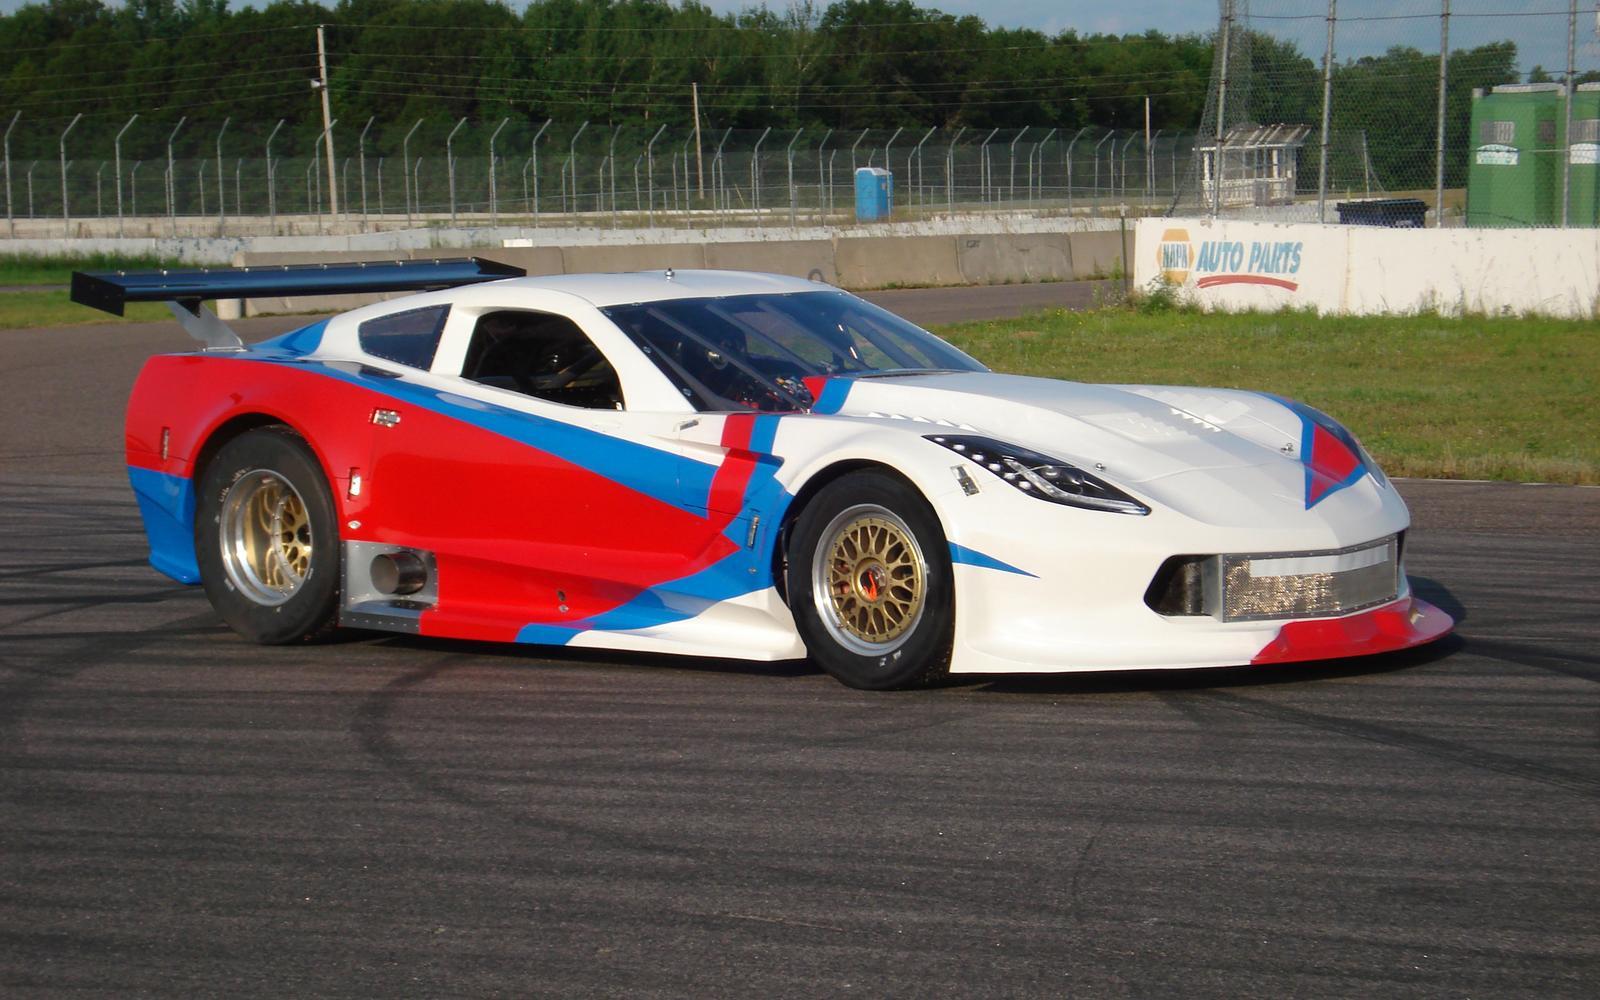 Mid-Ohio Sports Car Course >> C7 Corvette set for Trans Am debut